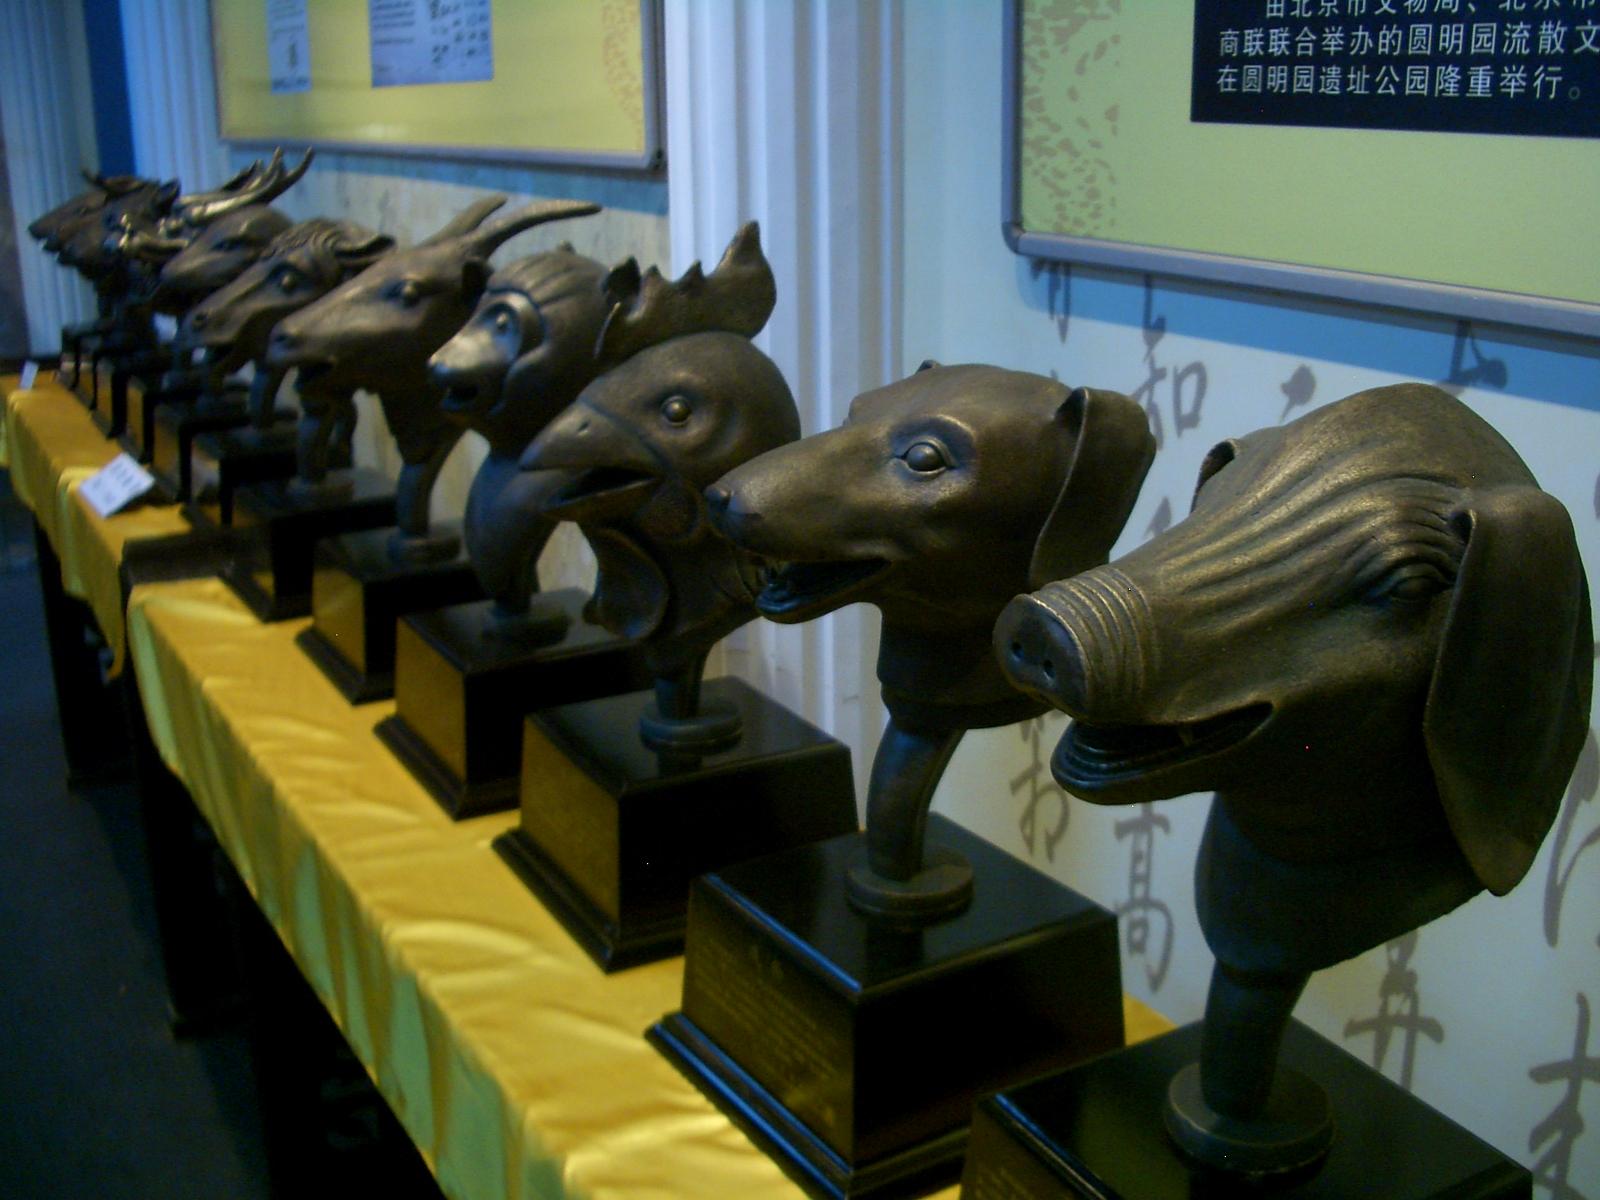 Die chinesischen Tierbronzen aus dem Alten Sommerpalast   © Wikimedia Commons